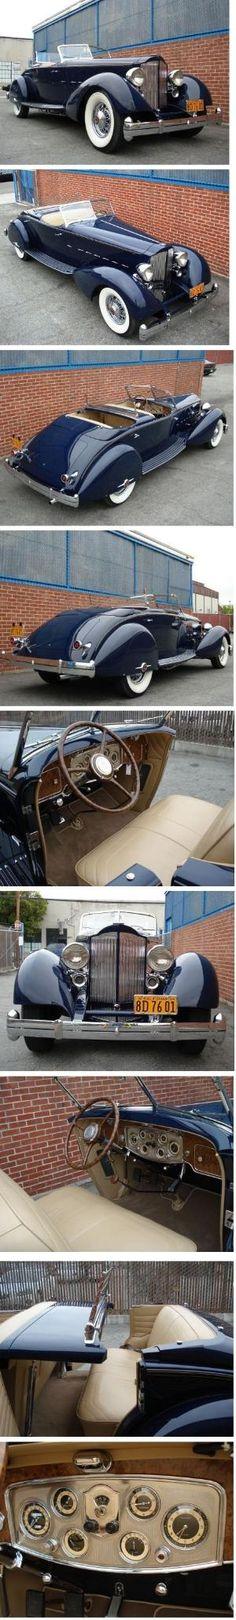 1934 Packard Twelve Sport Phaeton by DeeDeeBean